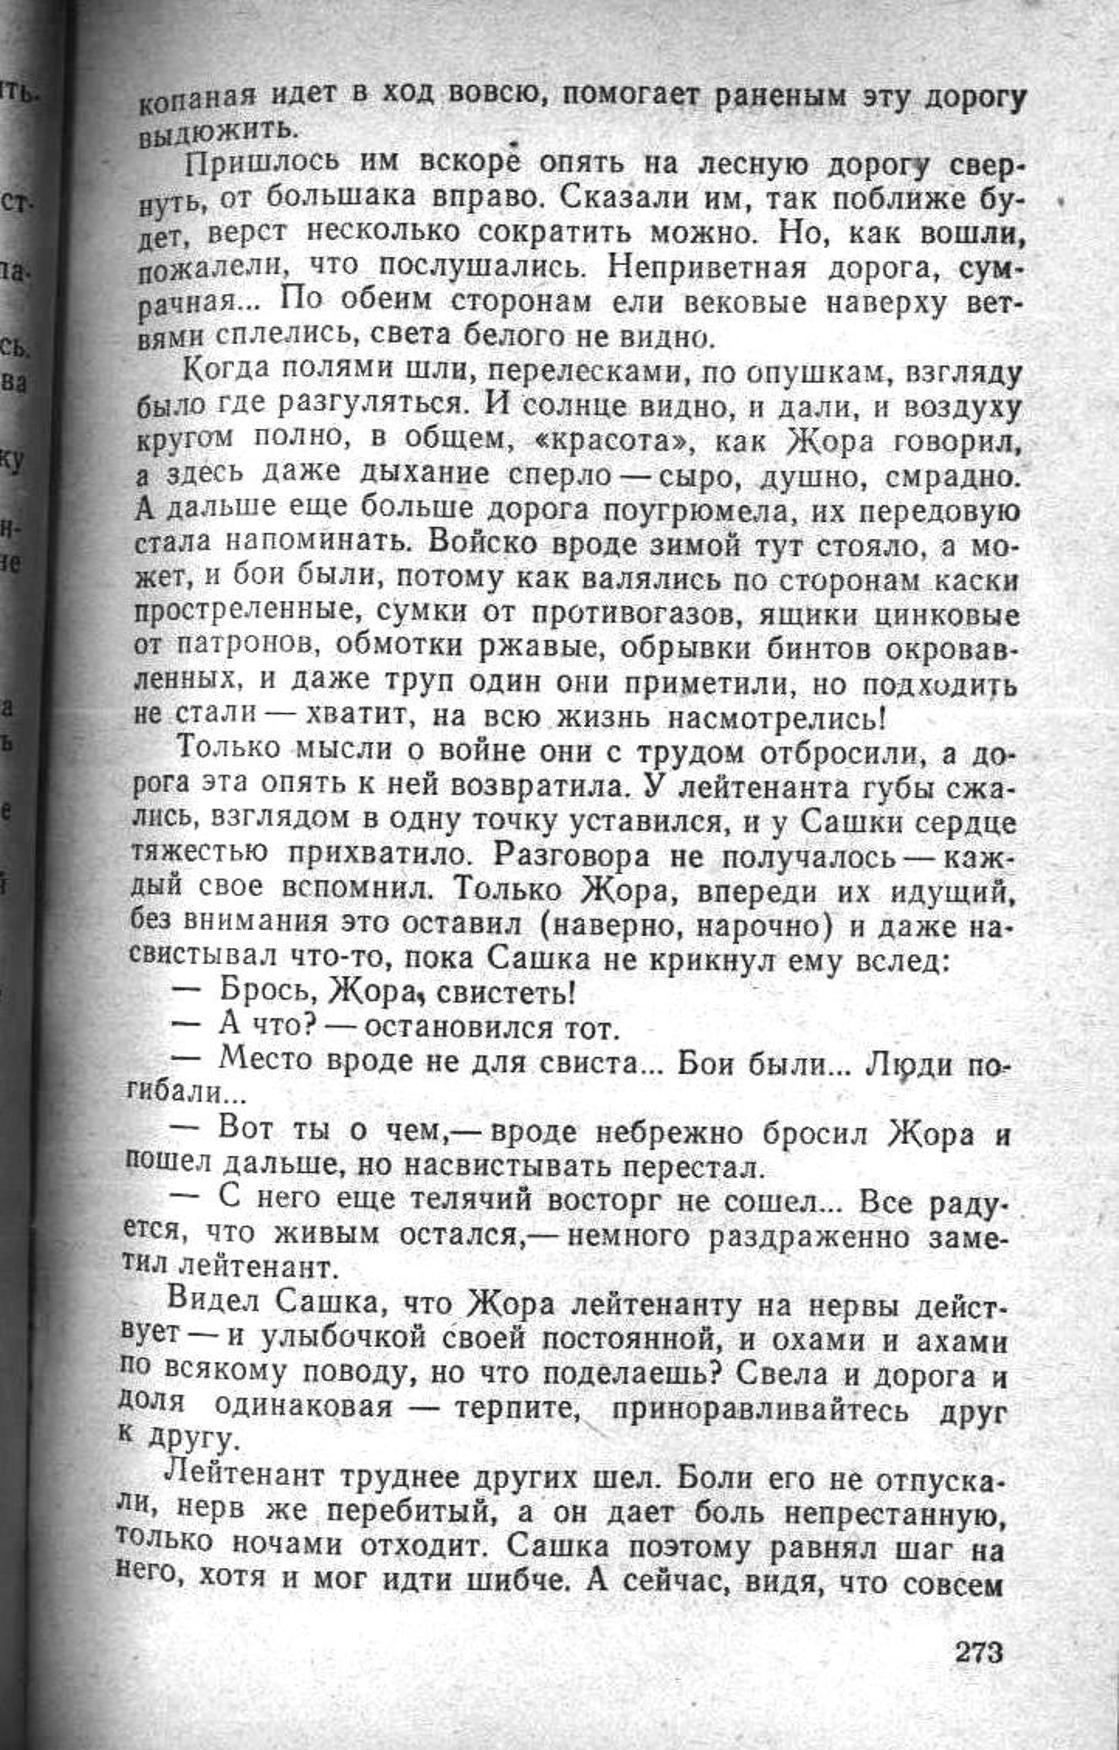 Сашка. Повесть. Вячеслав Кондратьев. 014. 006